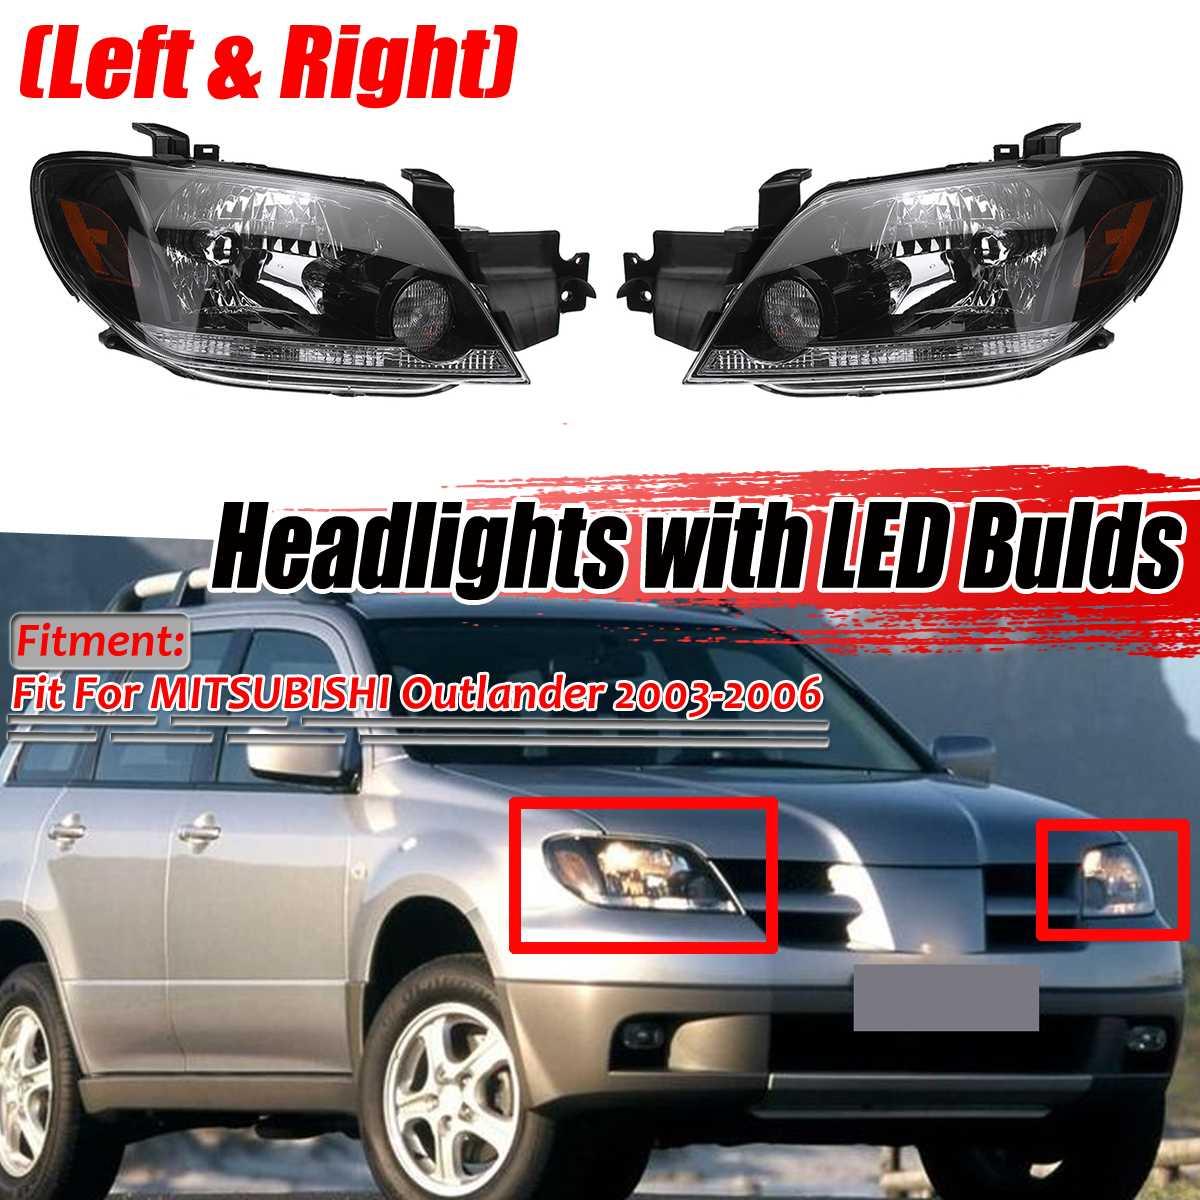 Links + Rechts Auto Front Scheinwerfer Kopf Lampen Lichter Montage Mit Lampe Für MITSUBISHI Für Outlander 2003 2004 2005 2006